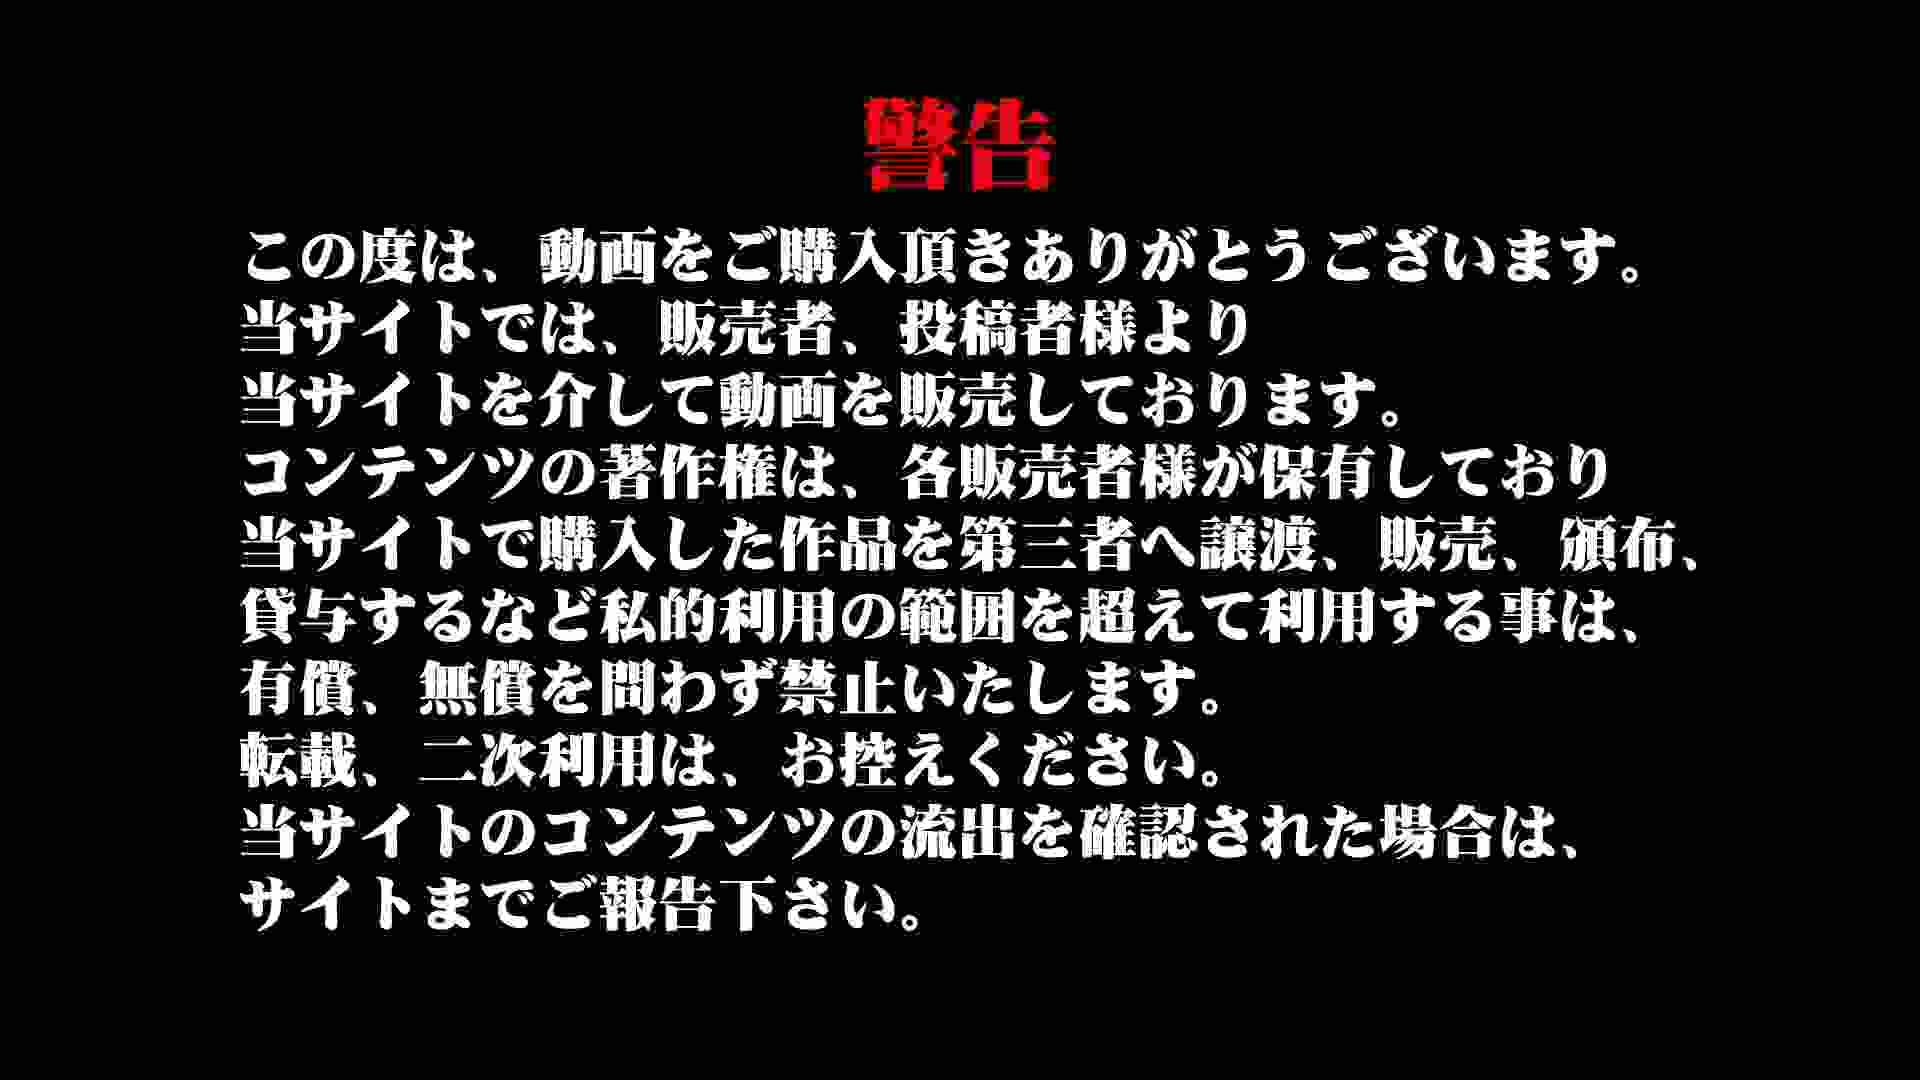 Aquaな露天風呂Vol.924 盗撮シリーズ  108PIX 2